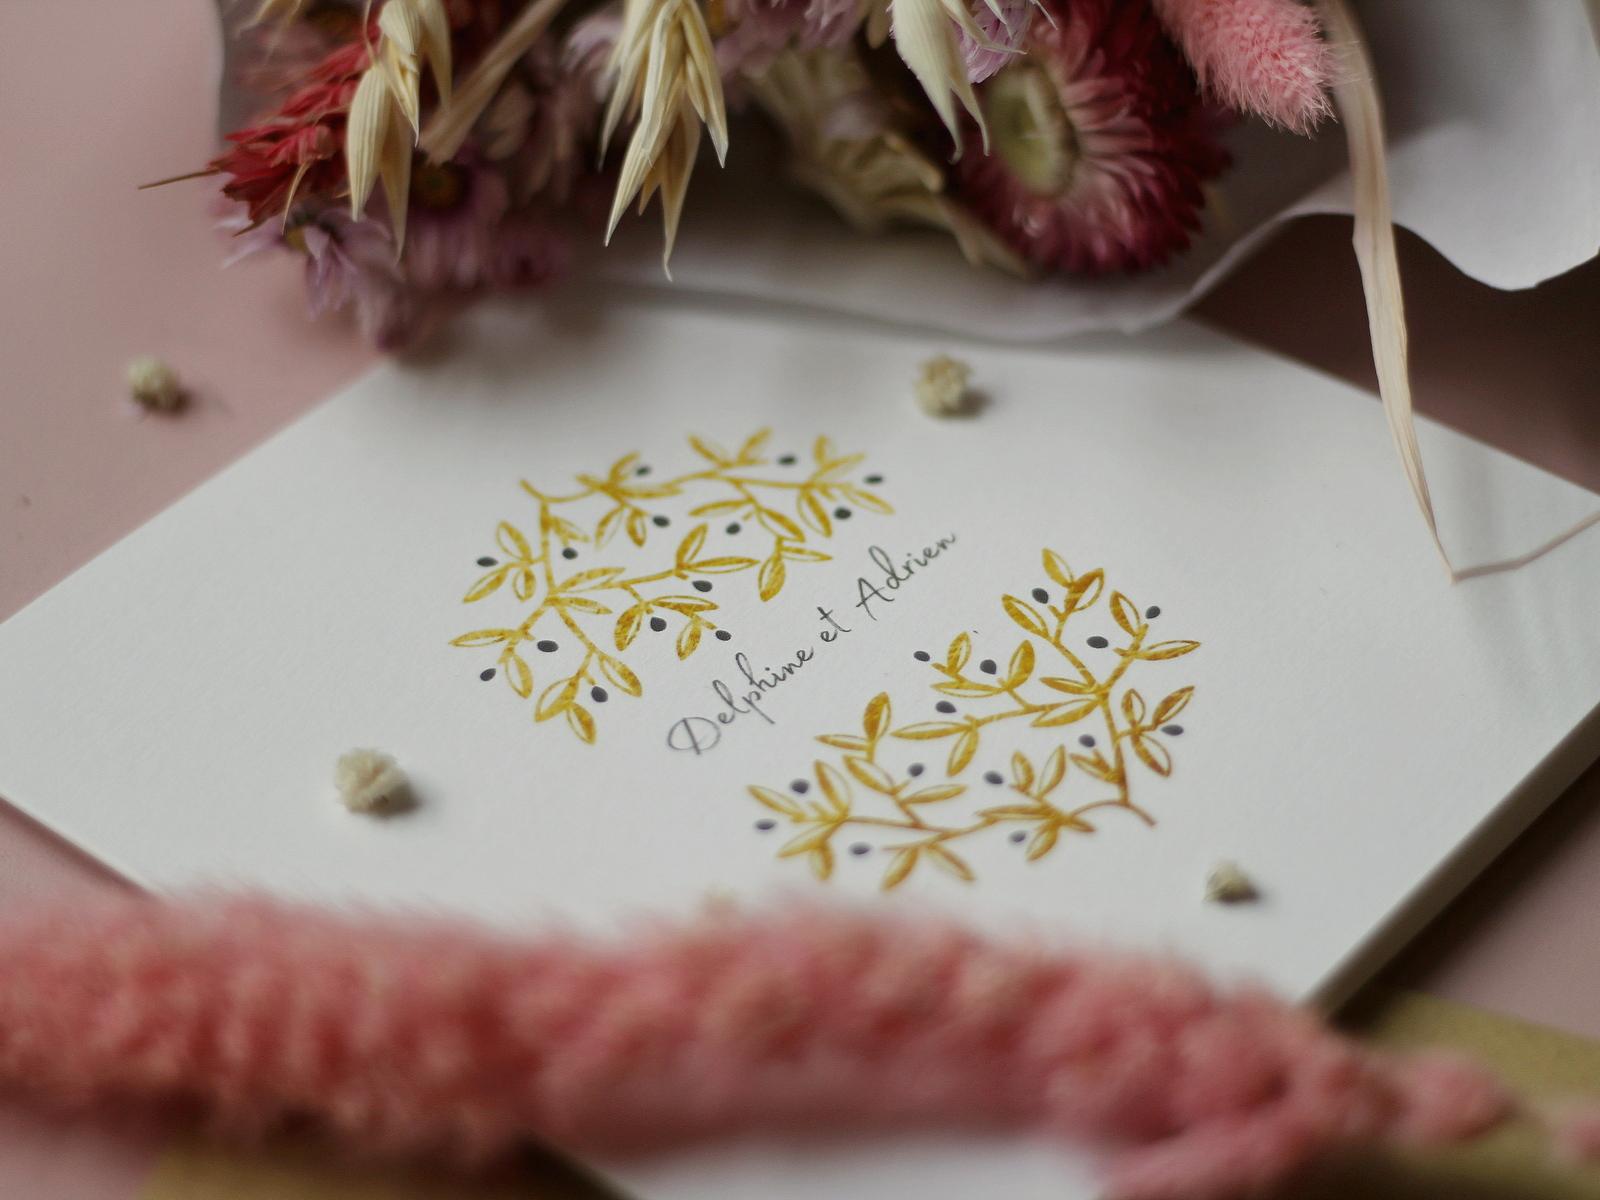 faire-part mariage champetre pas cher - popcarte - du style madame - chic - original - tendance